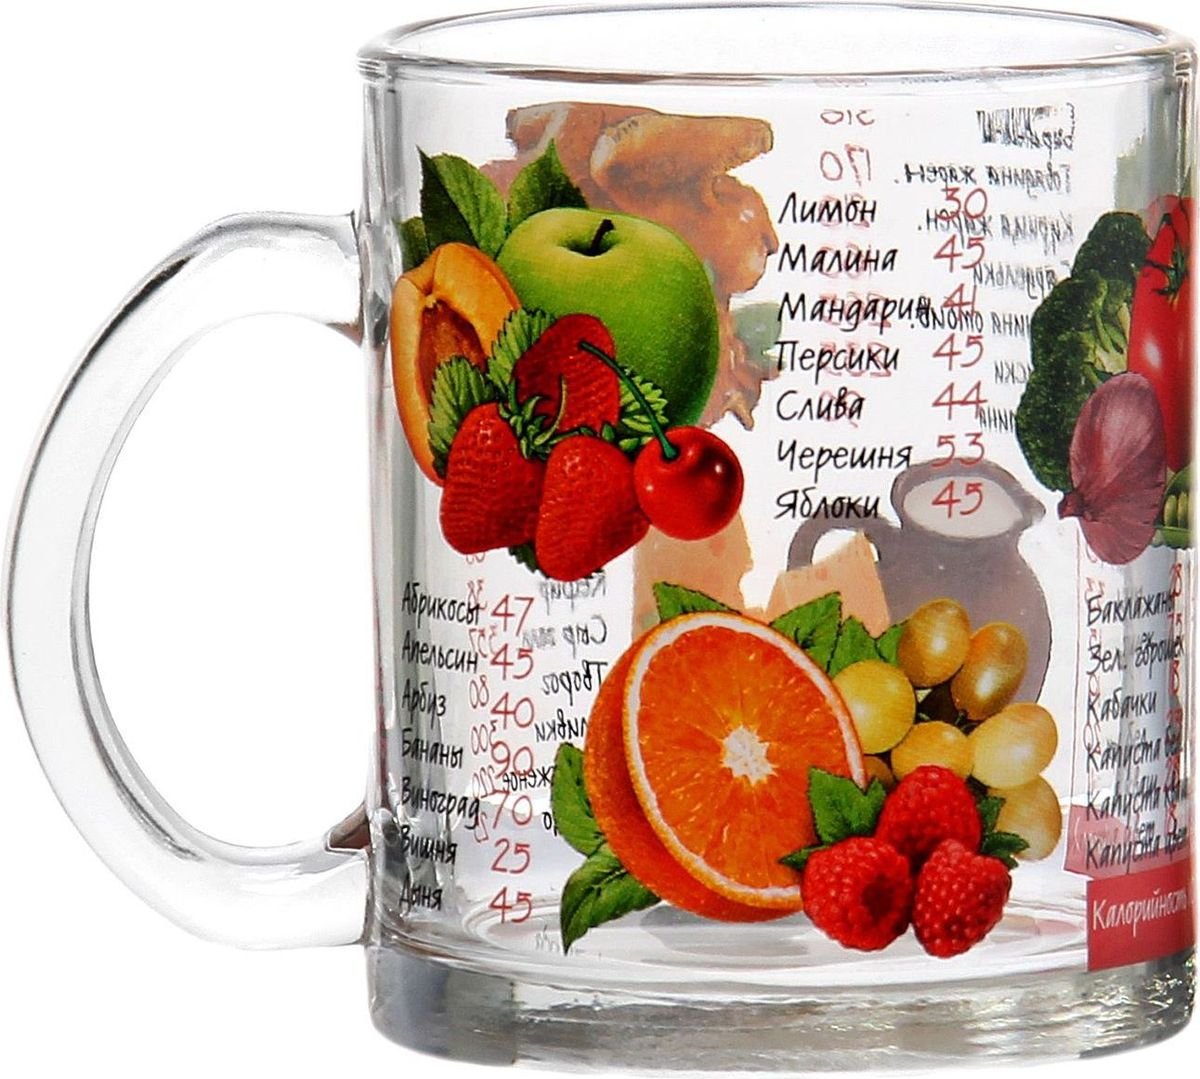 """Кружка Декостек """"Таблица калорий"""", изготовленная из качественного стекла, оснащена удобной ручкой и дополнена оригинальным рисунком.   От качества посуды зависит не только вкус еды, но и здоровье человека. Кружка соответствует российским стандартам качества. Любой хозяйке будет приятно держать её в руках. С такой посудой сервировка стола превратится в настоящий праздник. Объем: 300 мл."""